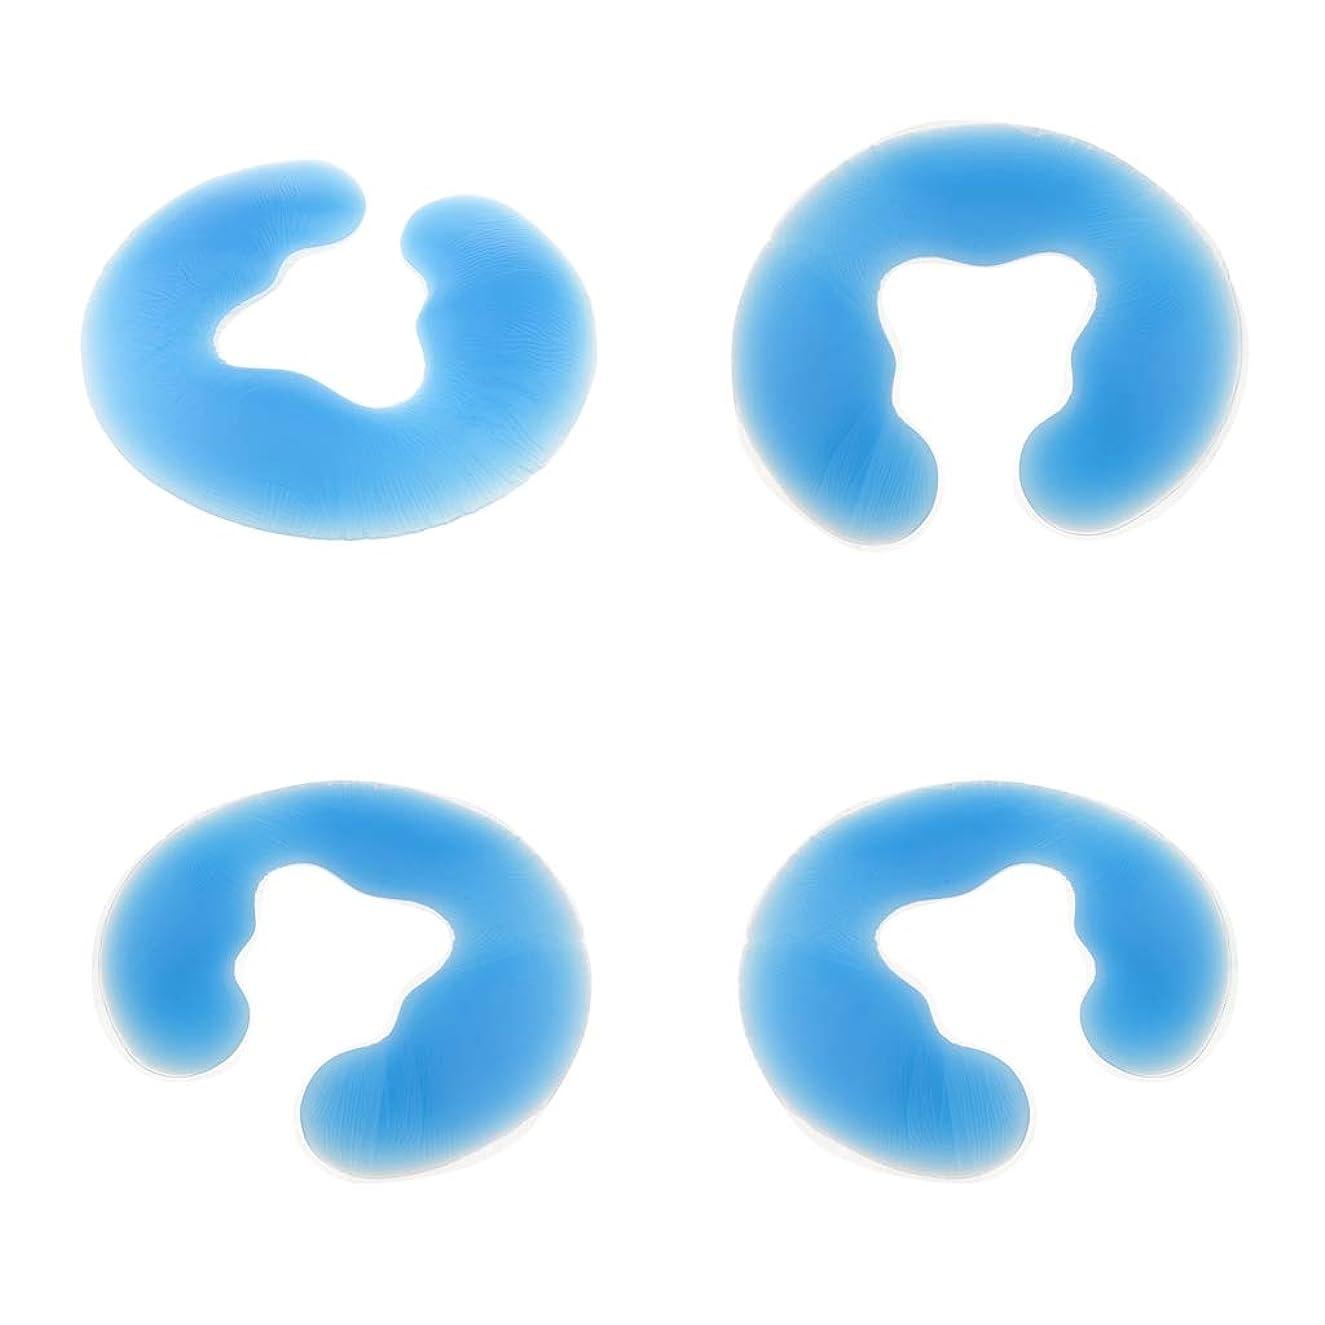 矢薬用検出P Prettyia フェイスクッション 顔枕 U字型 シリコン ヘッドクッション ボディマッサージ フェイスピロー 枕